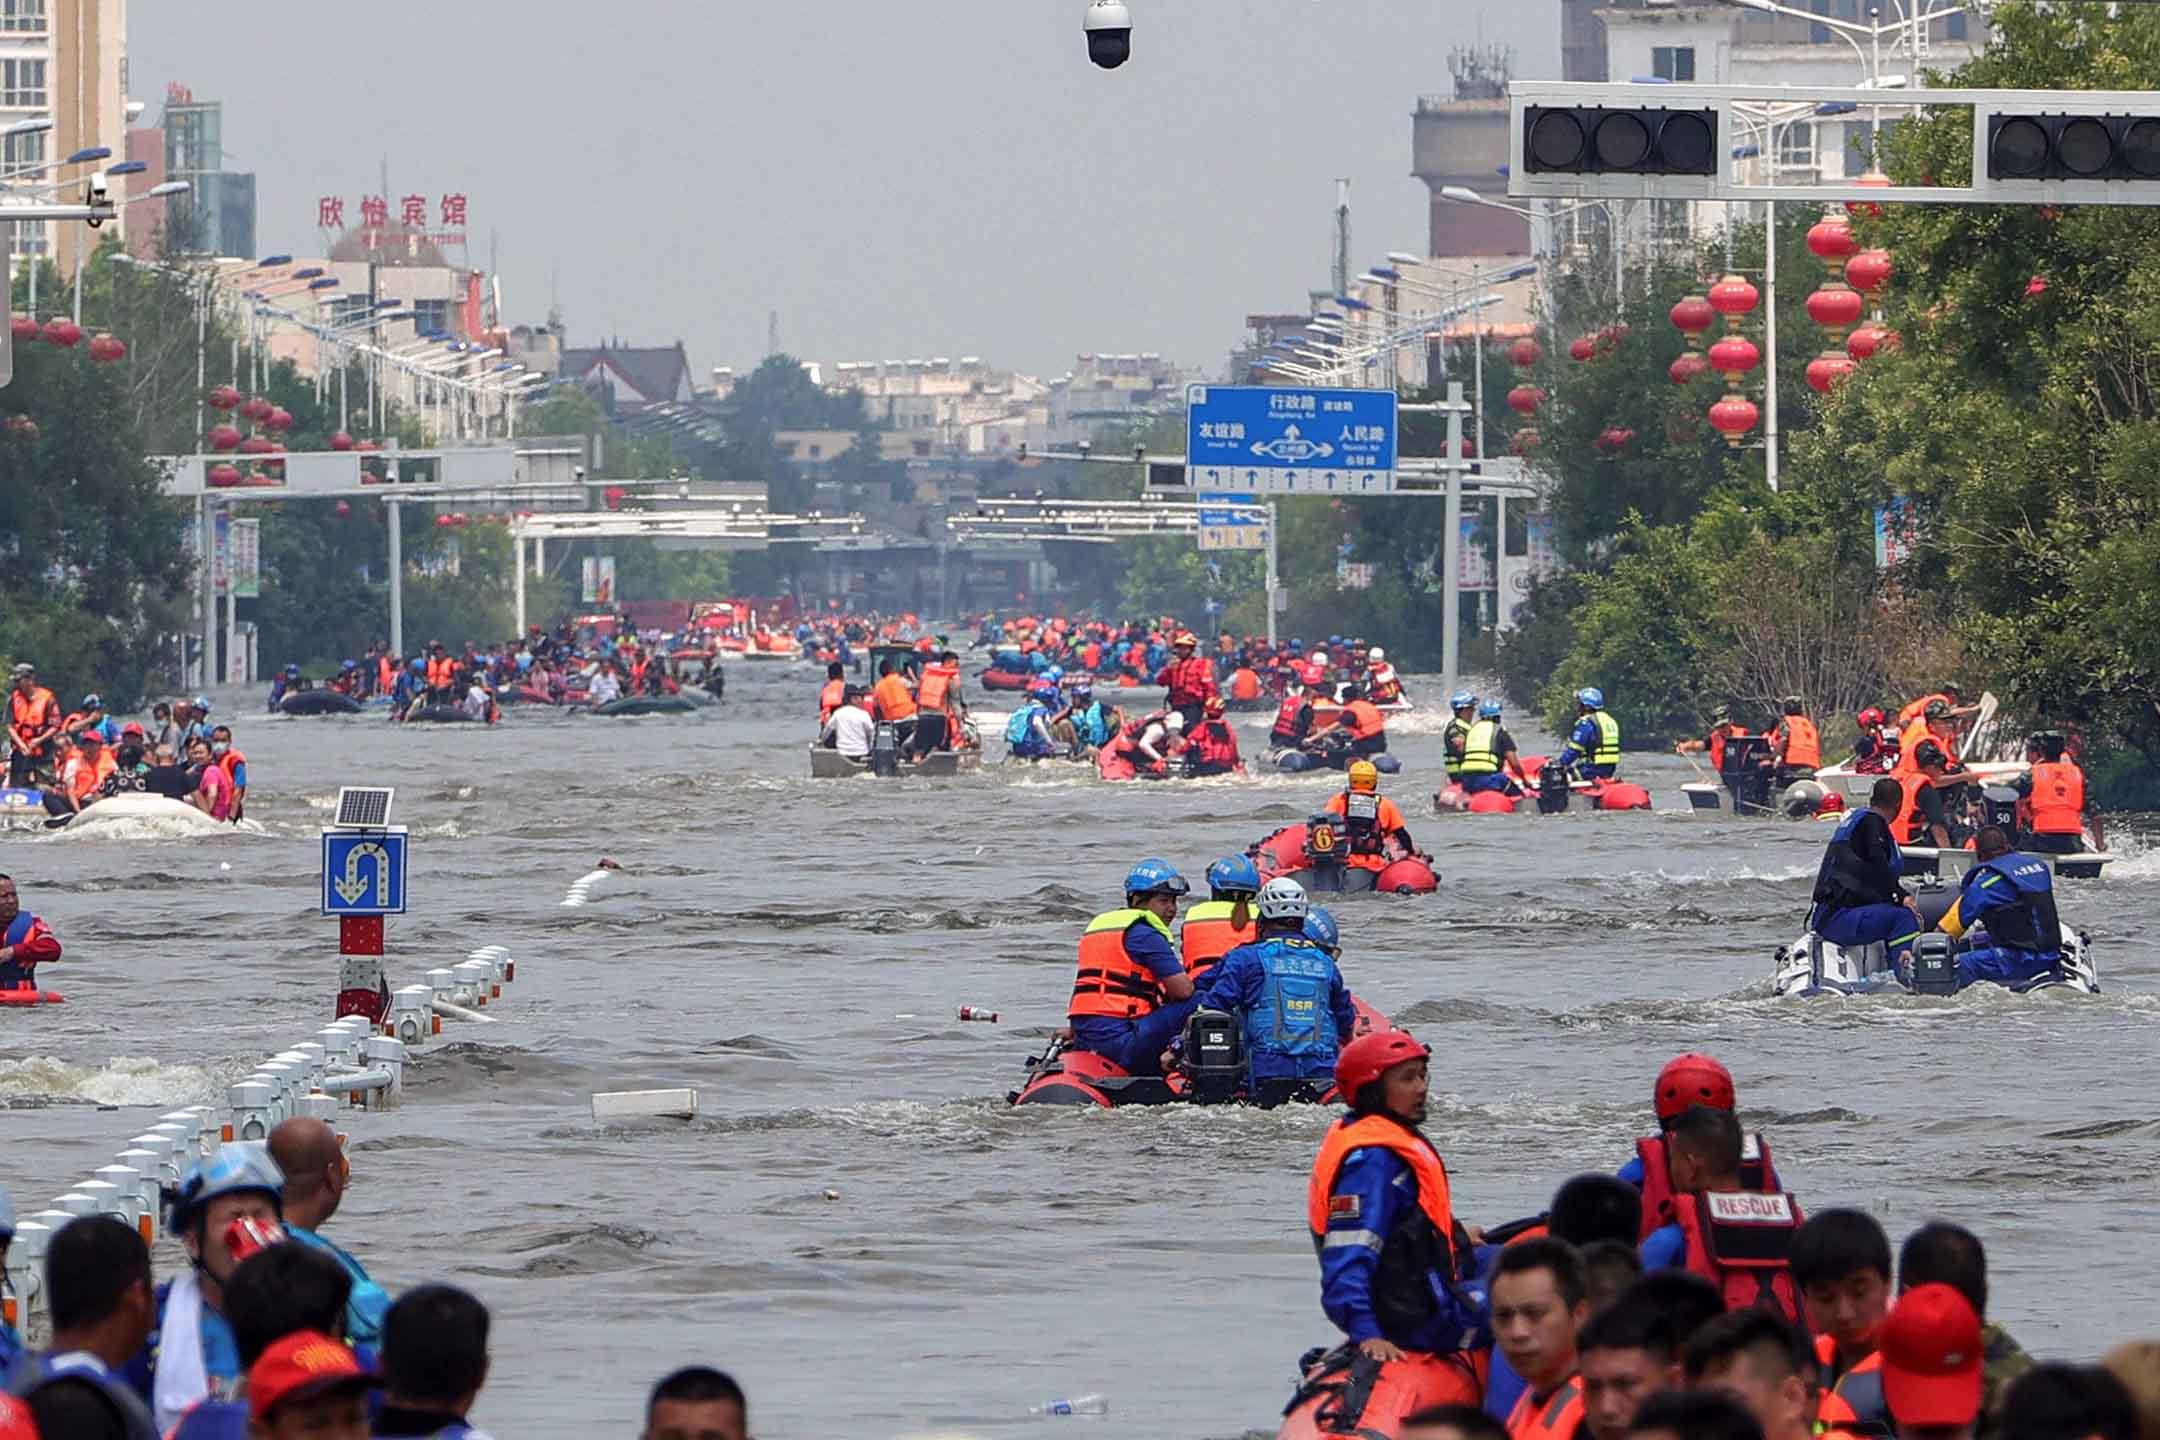 2021年7月26日中國河南省衛輝市,救援人員進行大規模疏散工作,將市民從洪水區轉移出來。